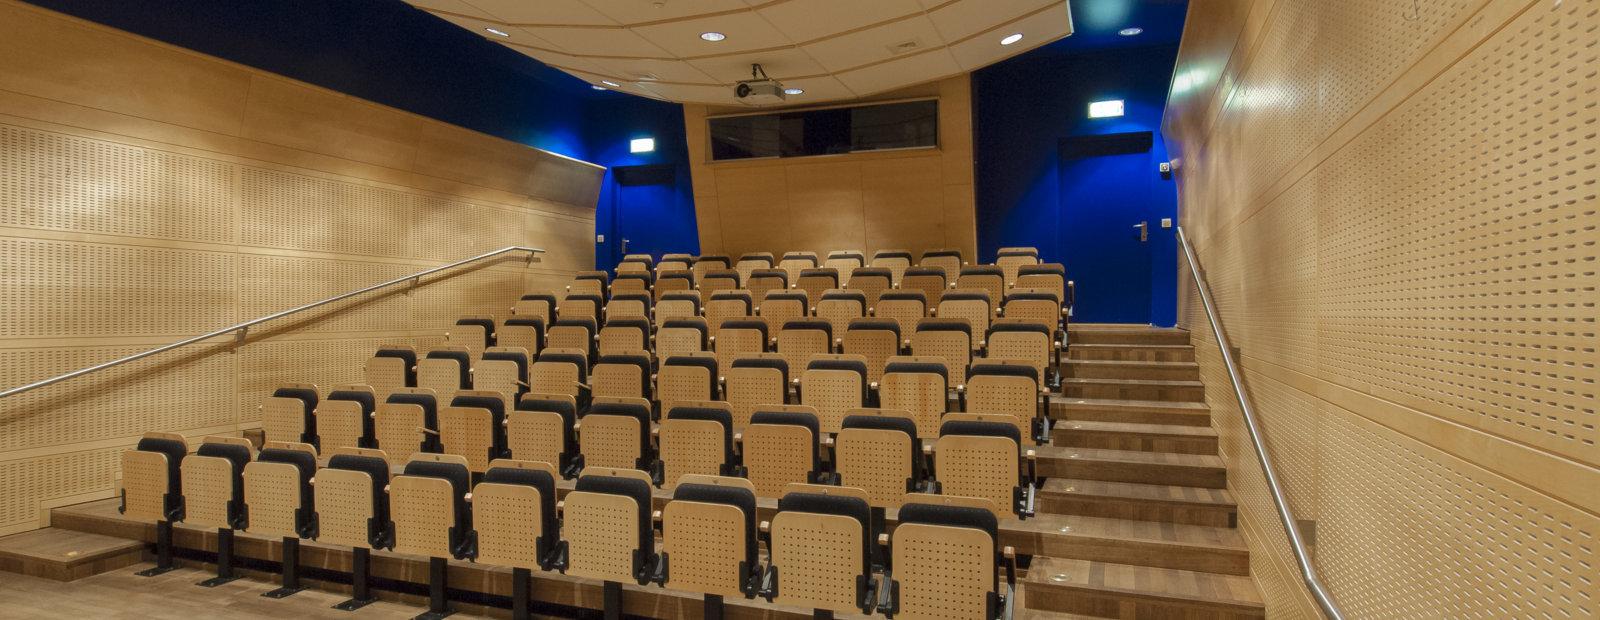 Auditoriet på Maihaugen, Lillehammer.